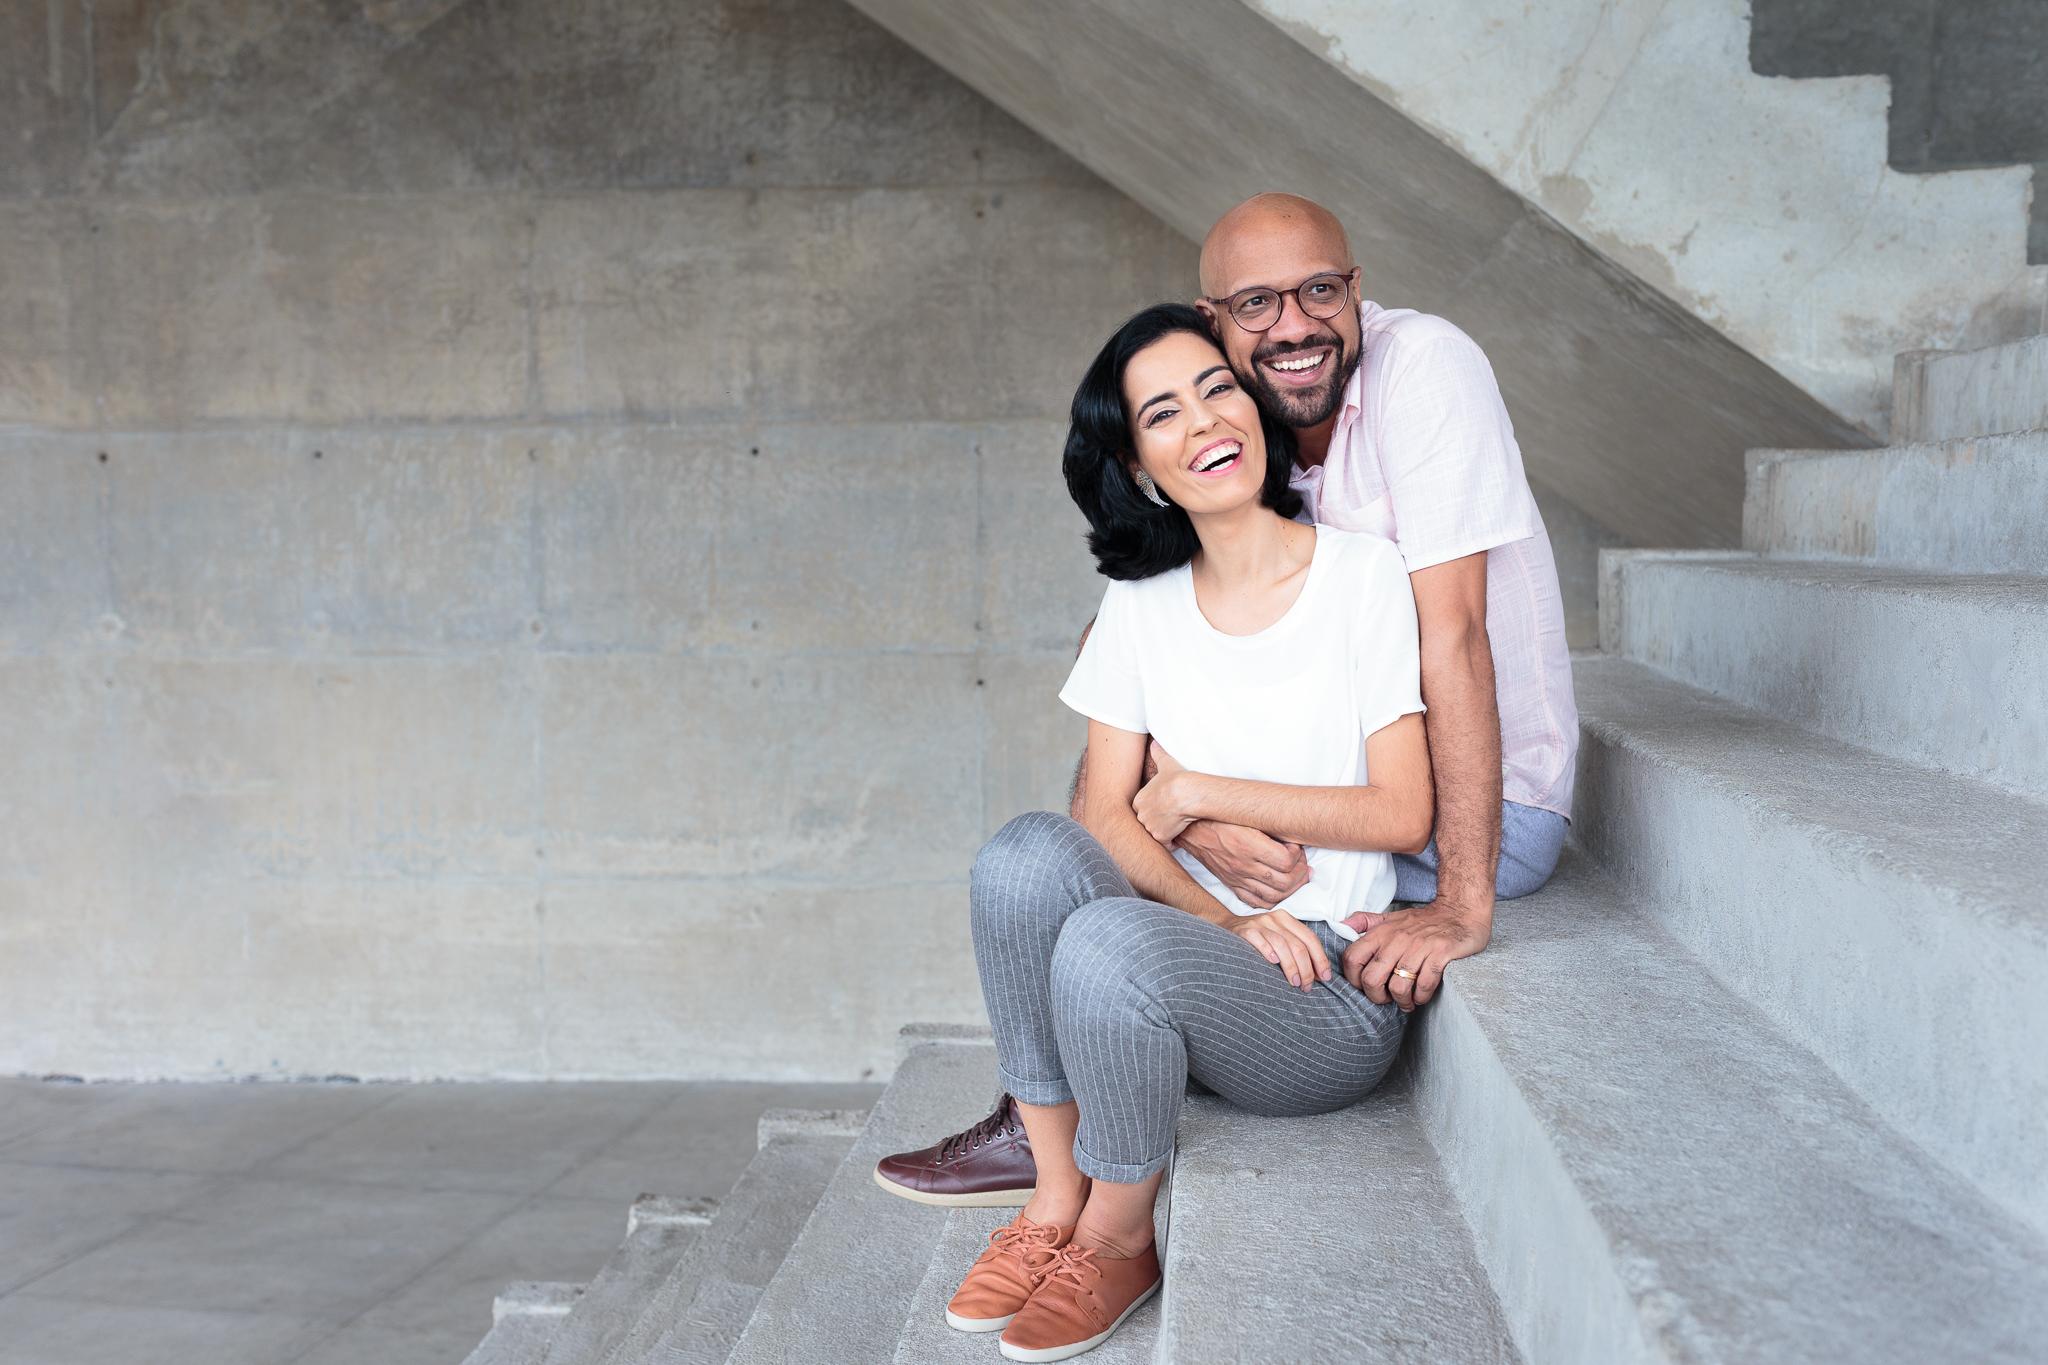 Sobre Fotógrafos de Casamentos no Rio de Janeiro - Paula Dau e Fábio Figueiredo Fotografia - Fotografia de Casamento - Lifestyle